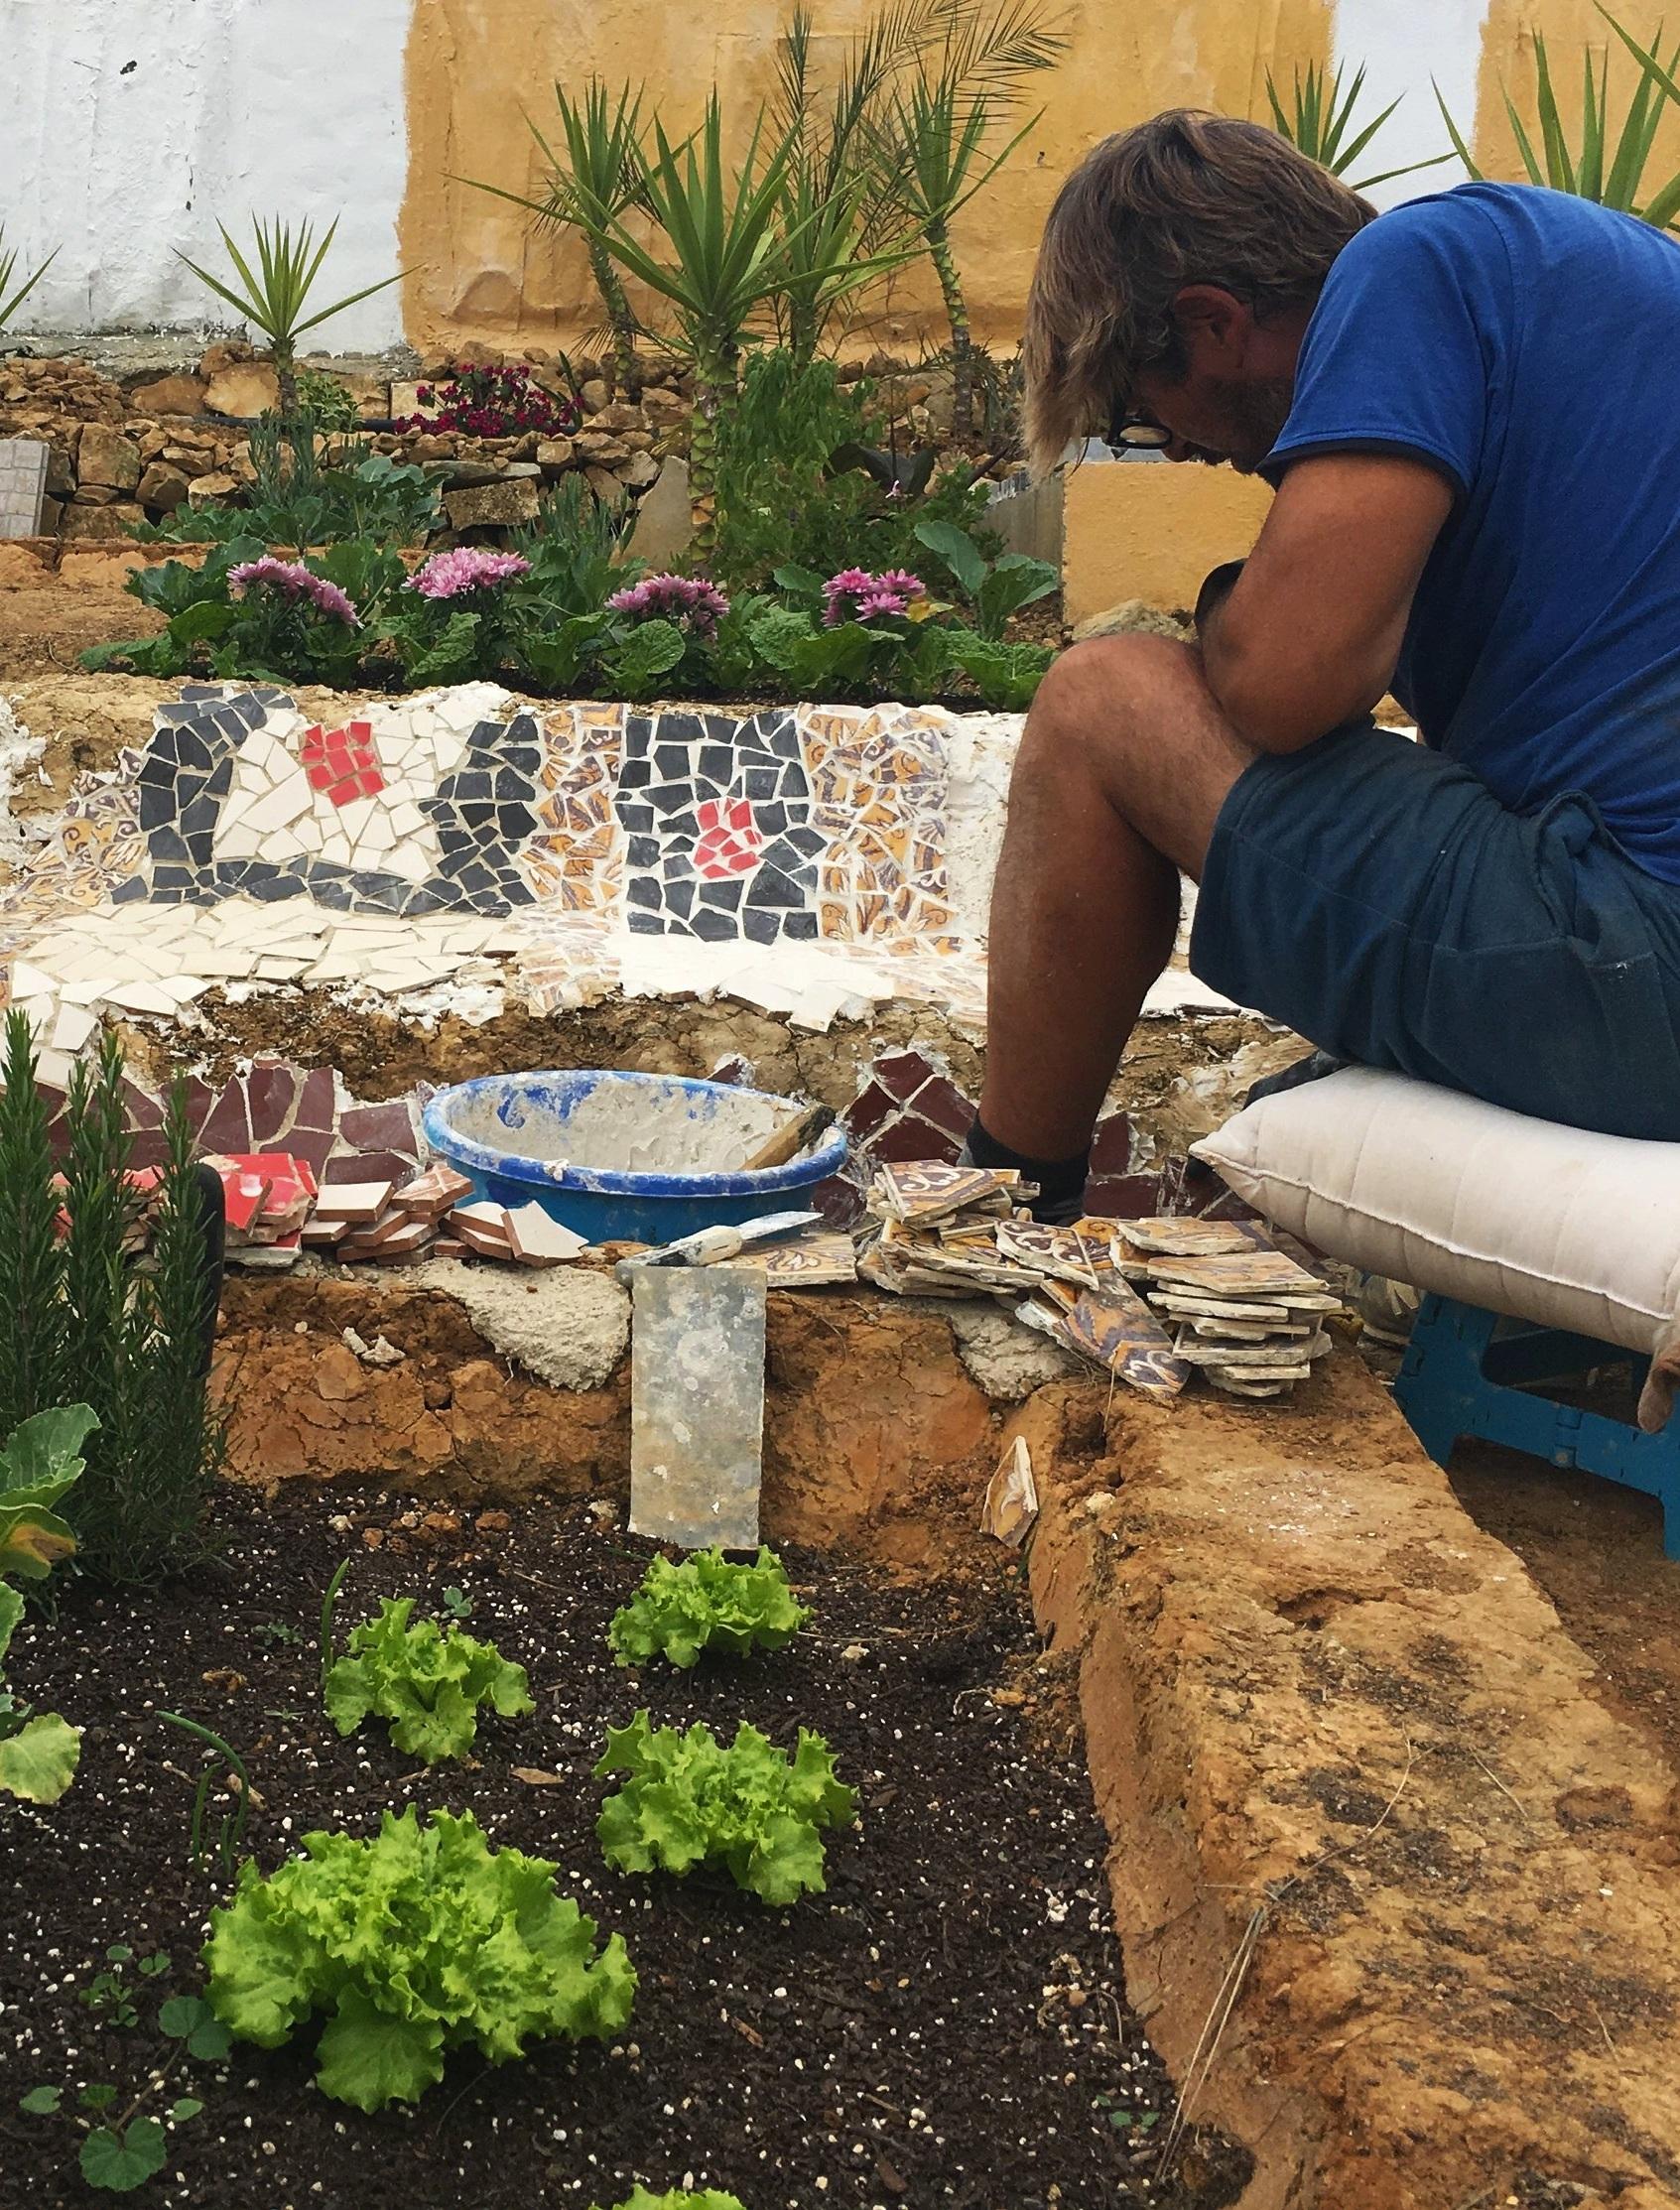 Art-cafe-mosaic-seat.jpg